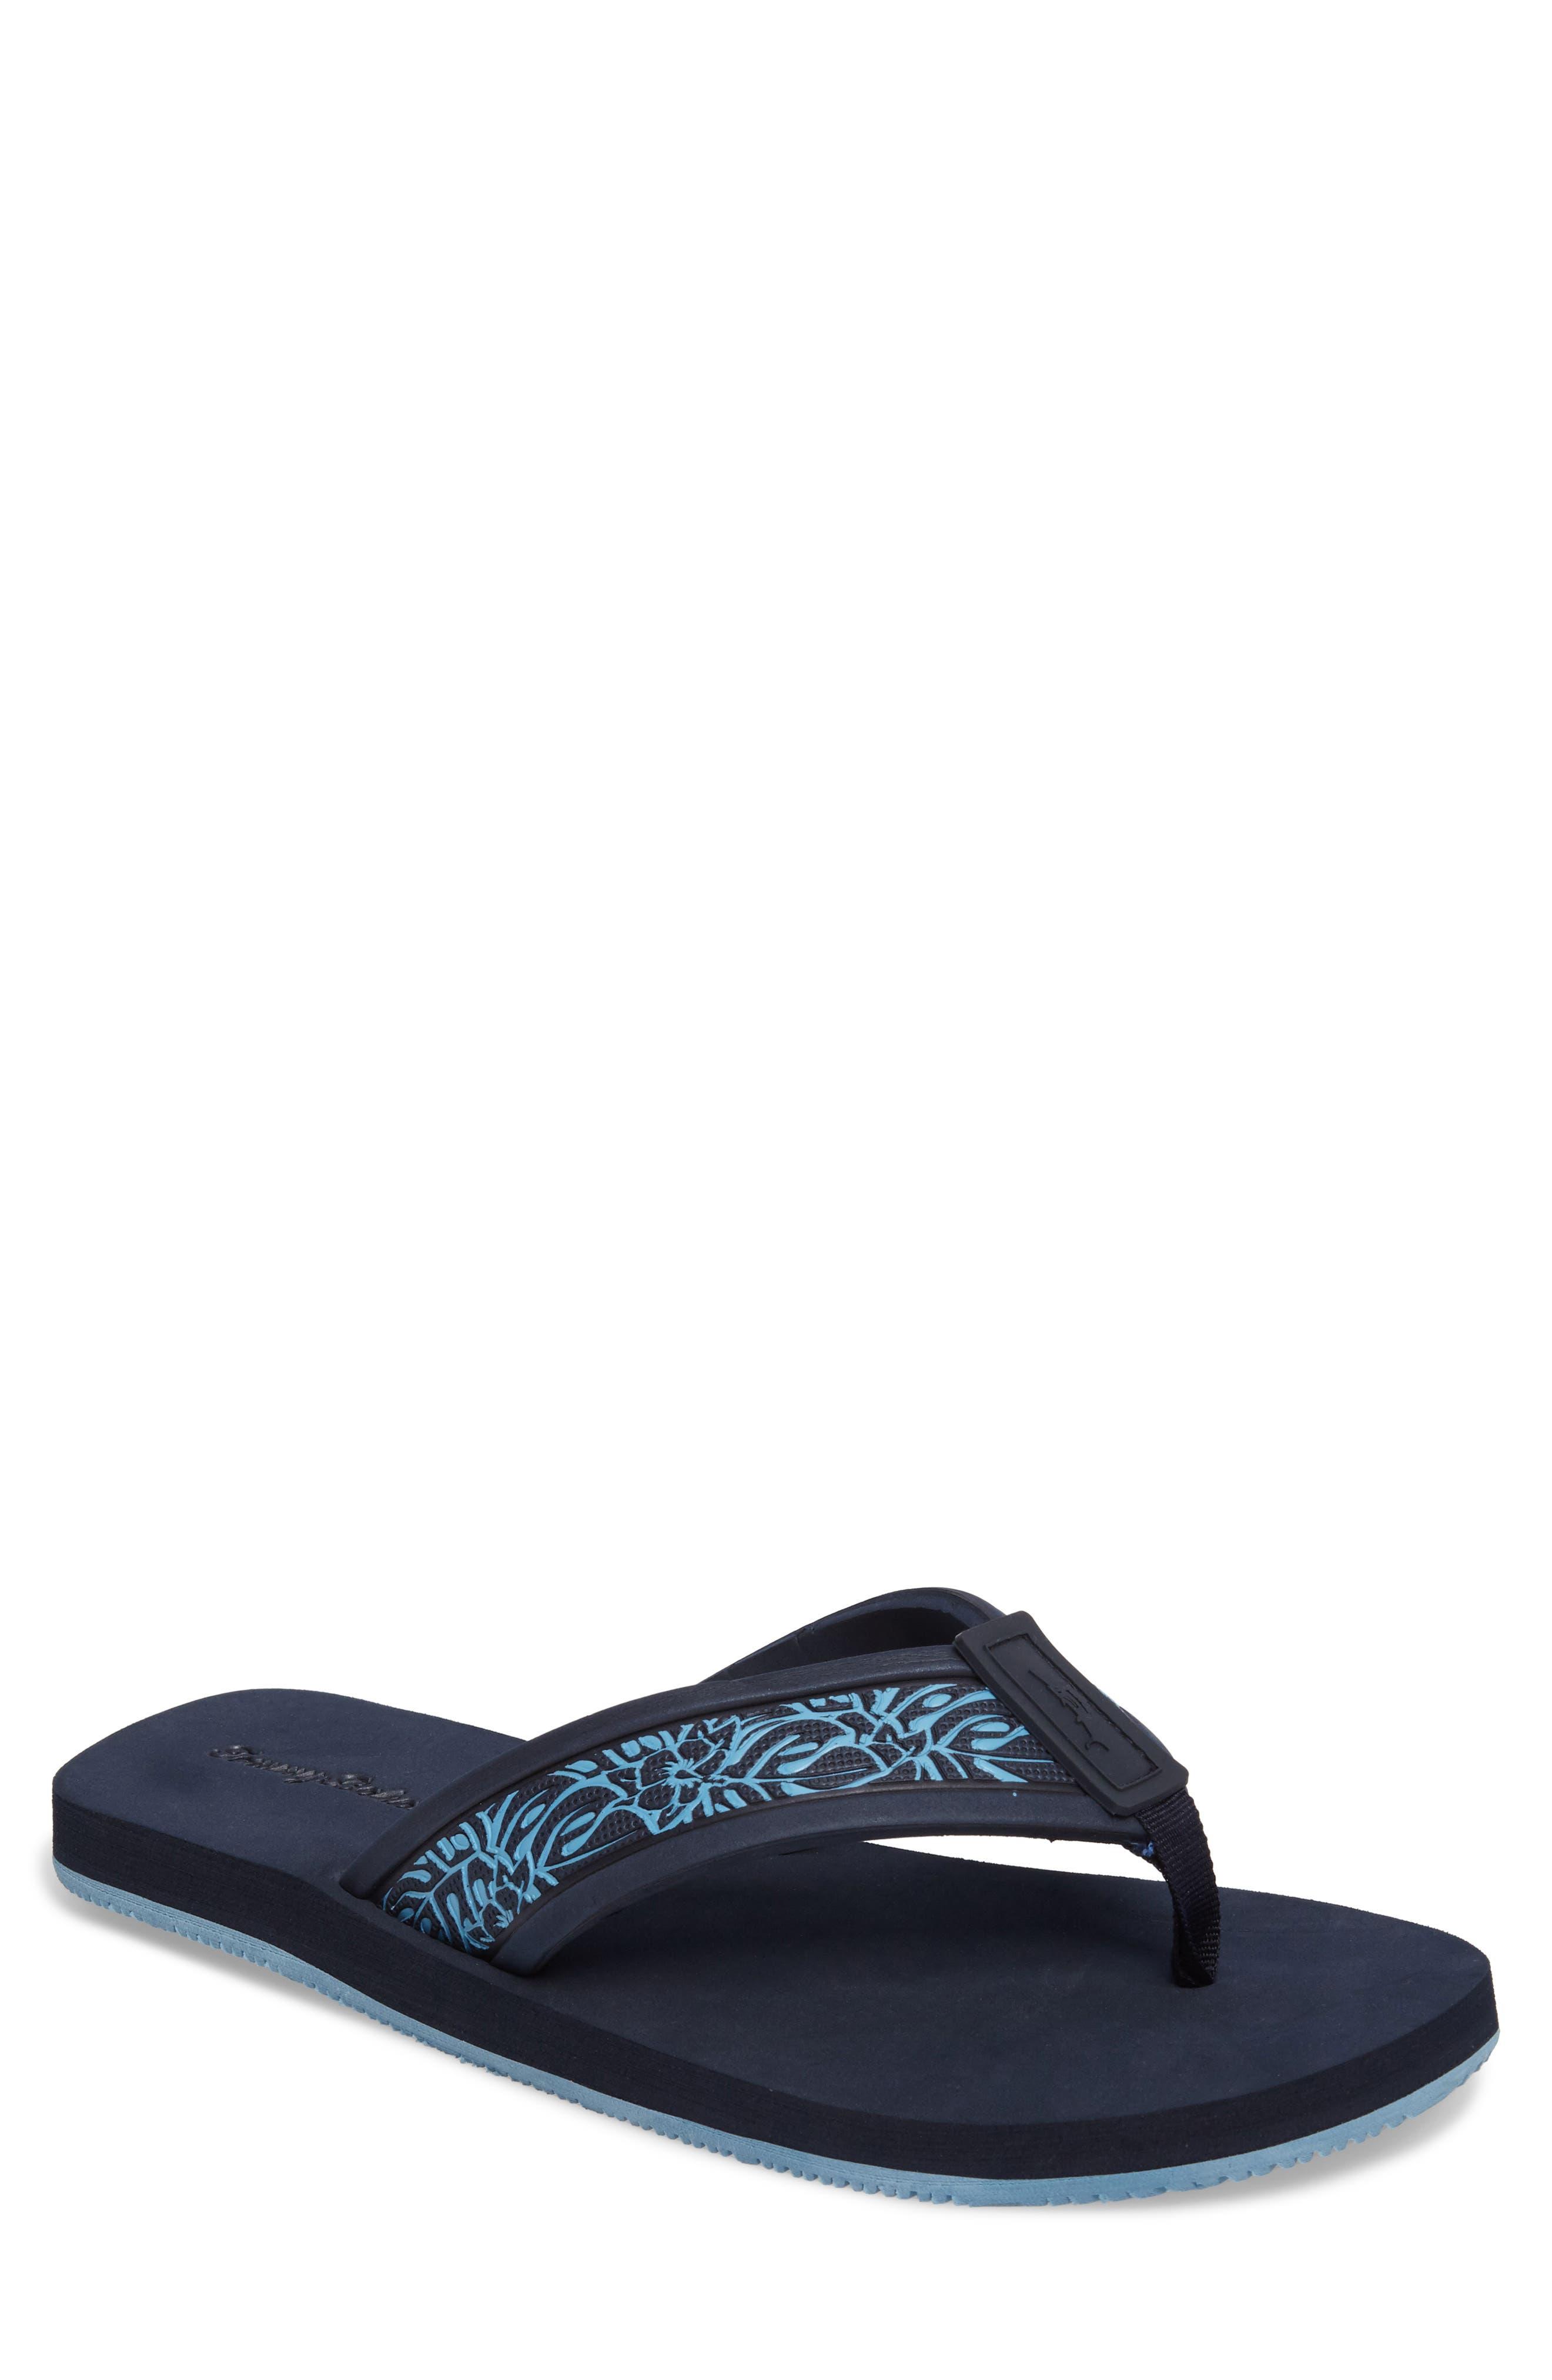 Solana Flip Flop,                         Main,                         color, 410